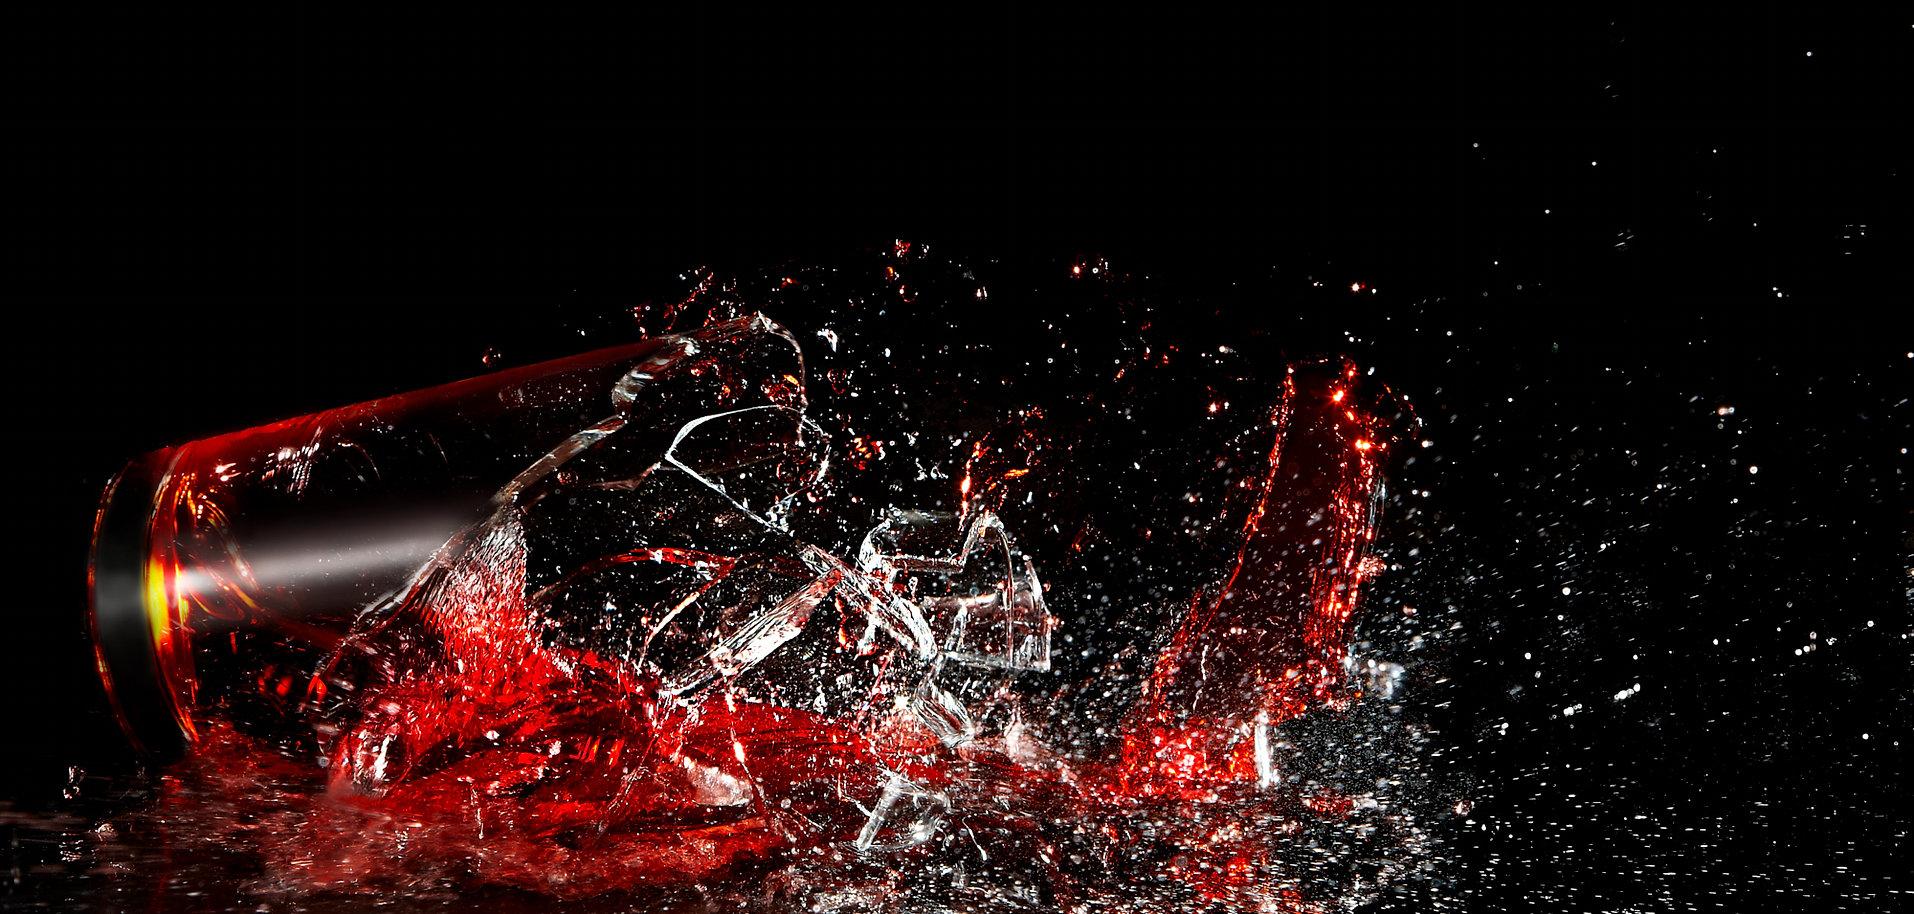 RedSplashFINAL.jpg